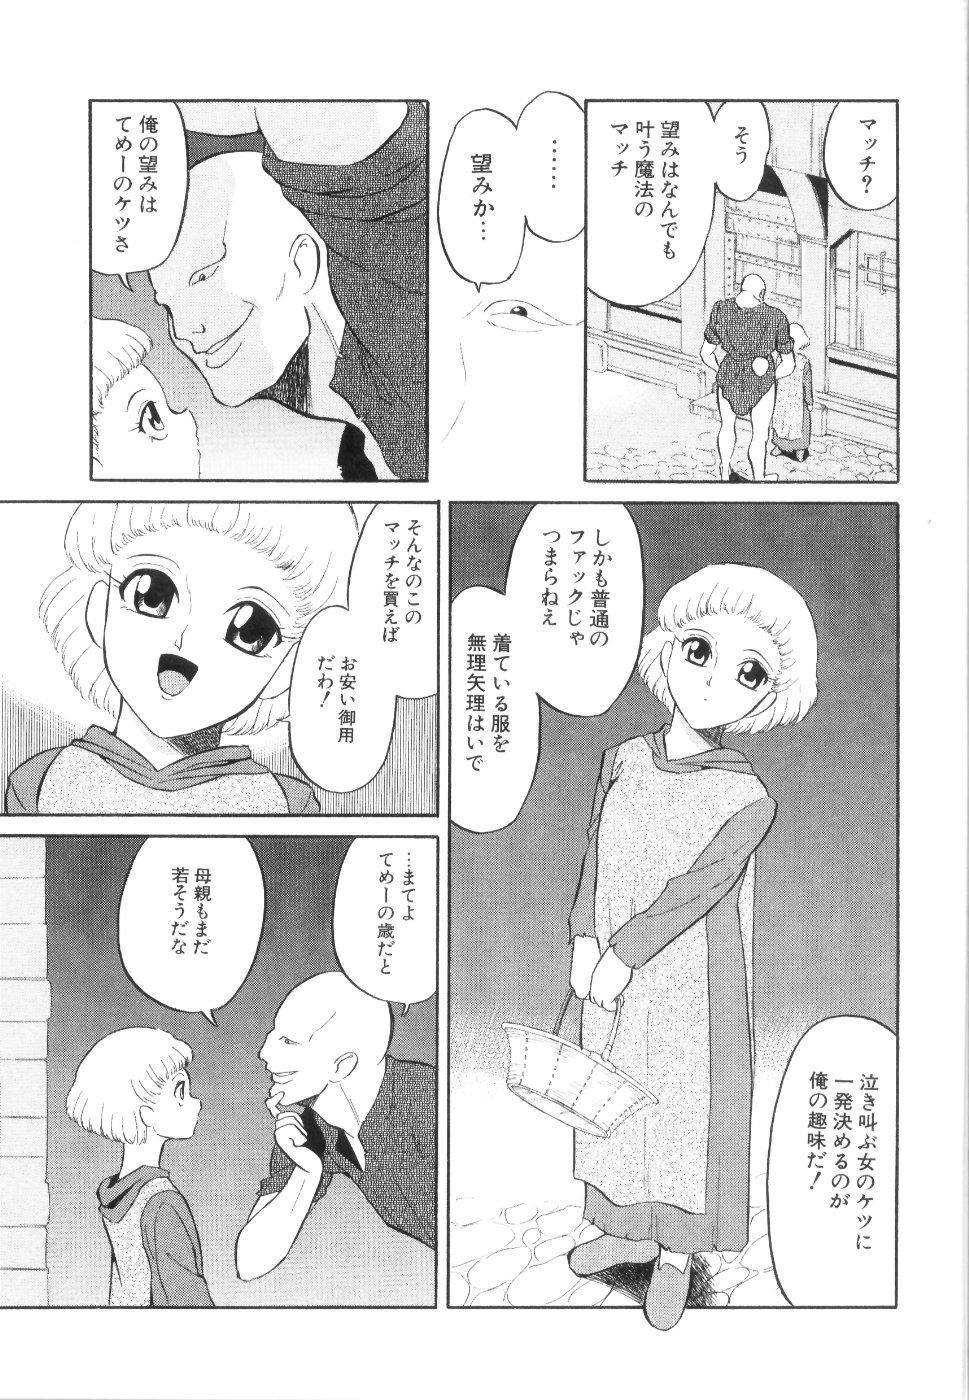 [Dozamura] Doguu -Dozamura Guuwa- Kuro 35